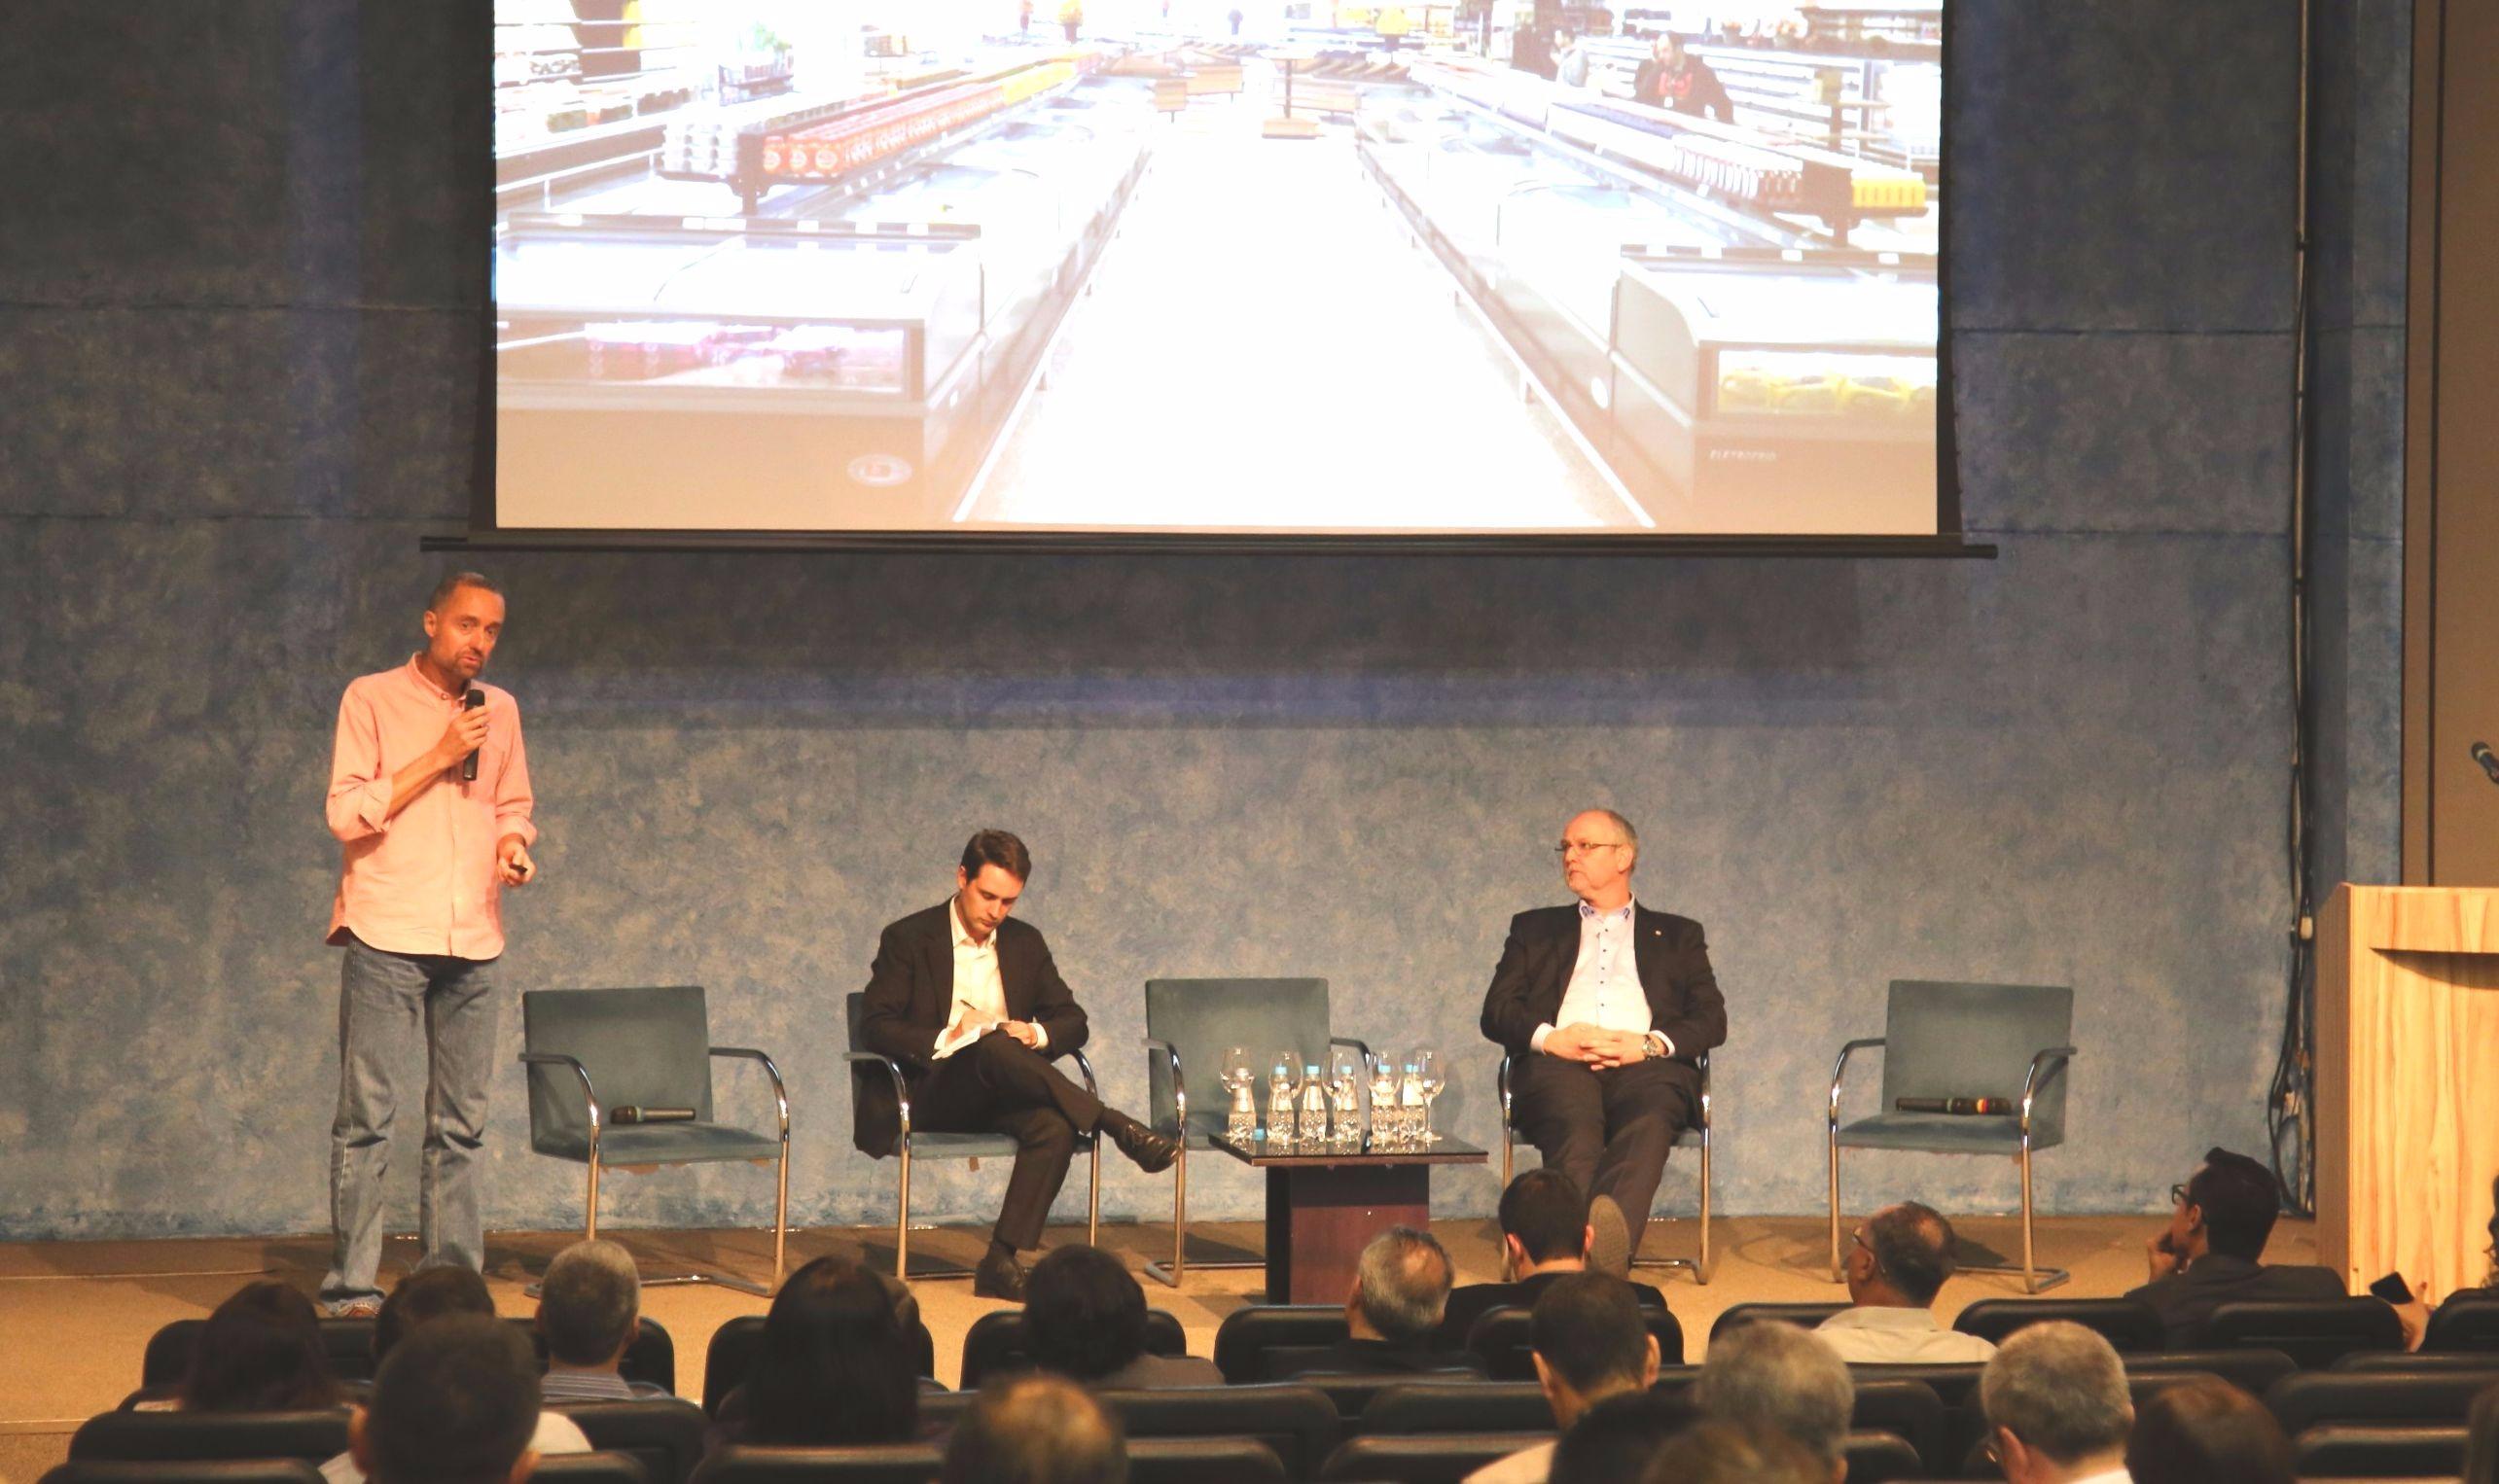 Seminário com especialistas aborda substituição dos HCFCs nos supermercados